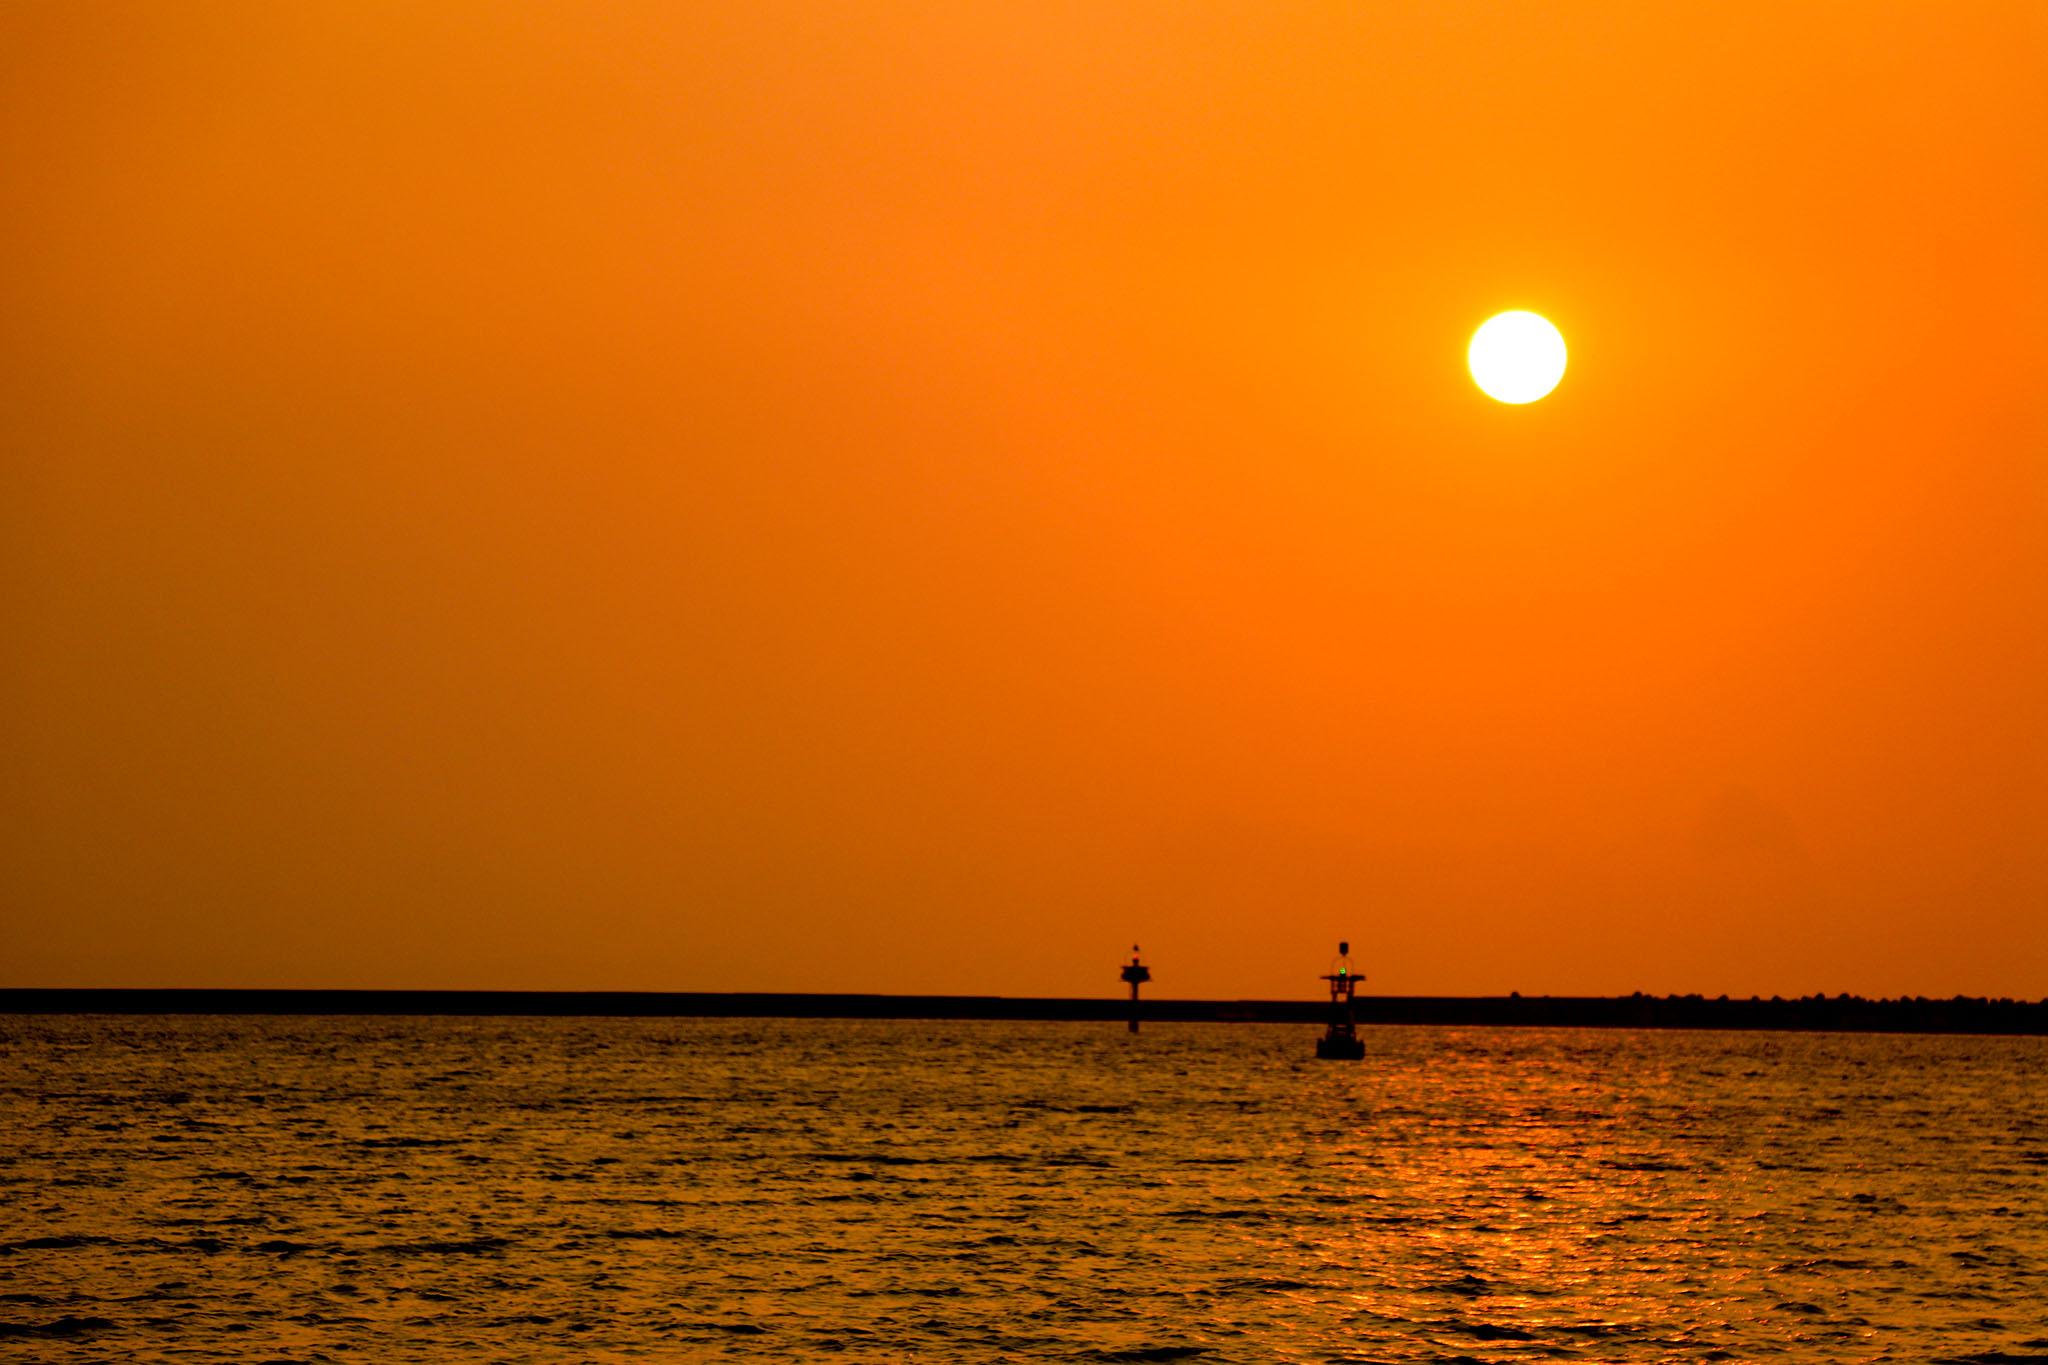 沖縄の夕日 – フリー(無料)写真素材 ダウンロード blue-green